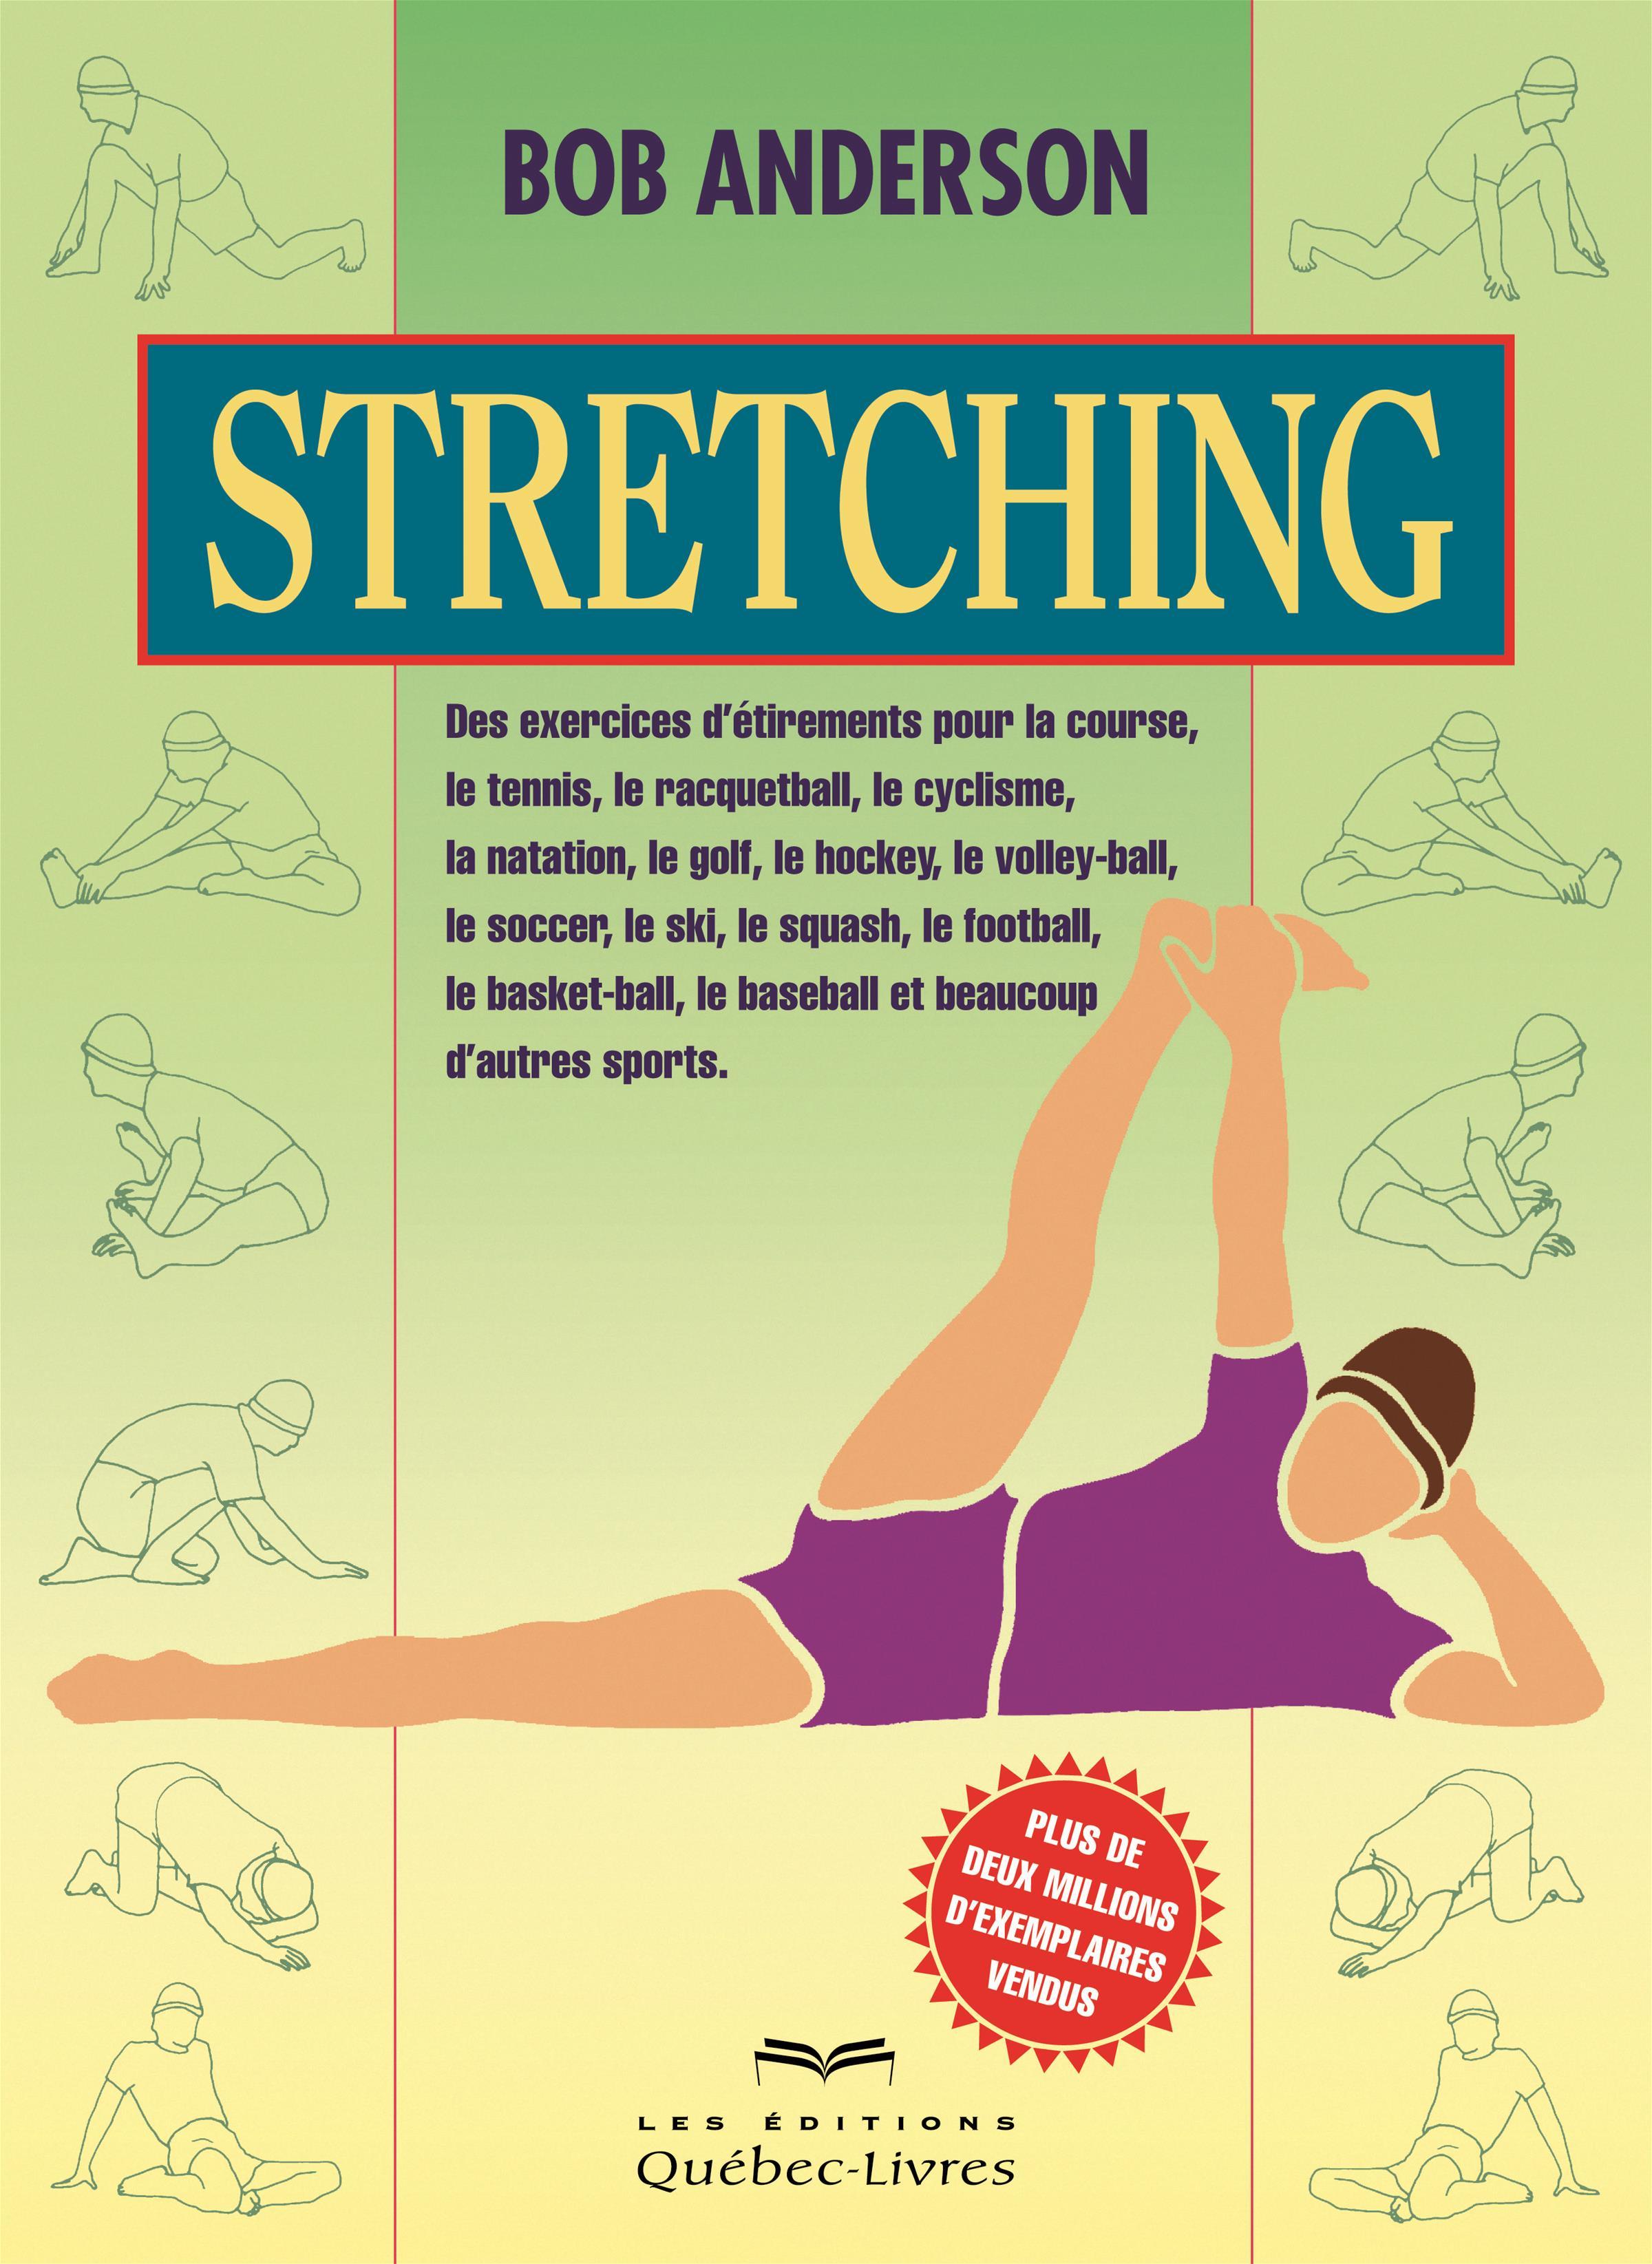 livre stretching des exercices d 39 tirements pour la course messageries adp. Black Bedroom Furniture Sets. Home Design Ideas